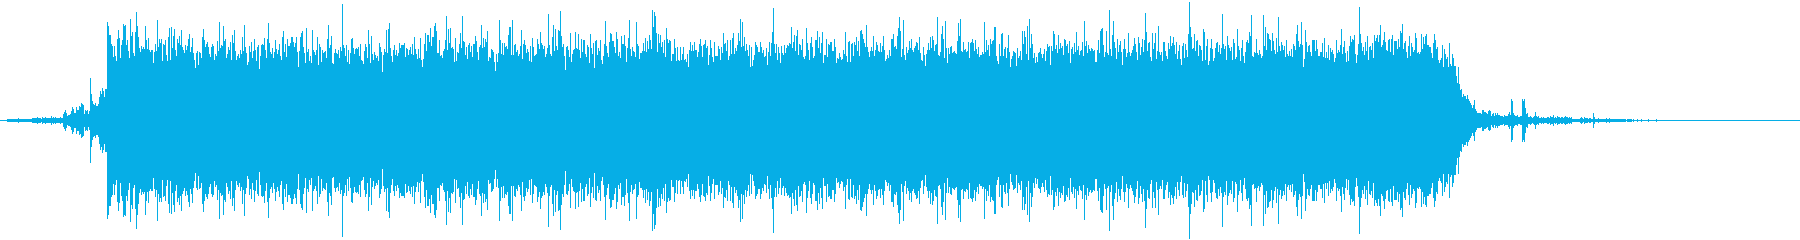 ジャー☆蛇口から水が流れる音 その3の再生済みの波形